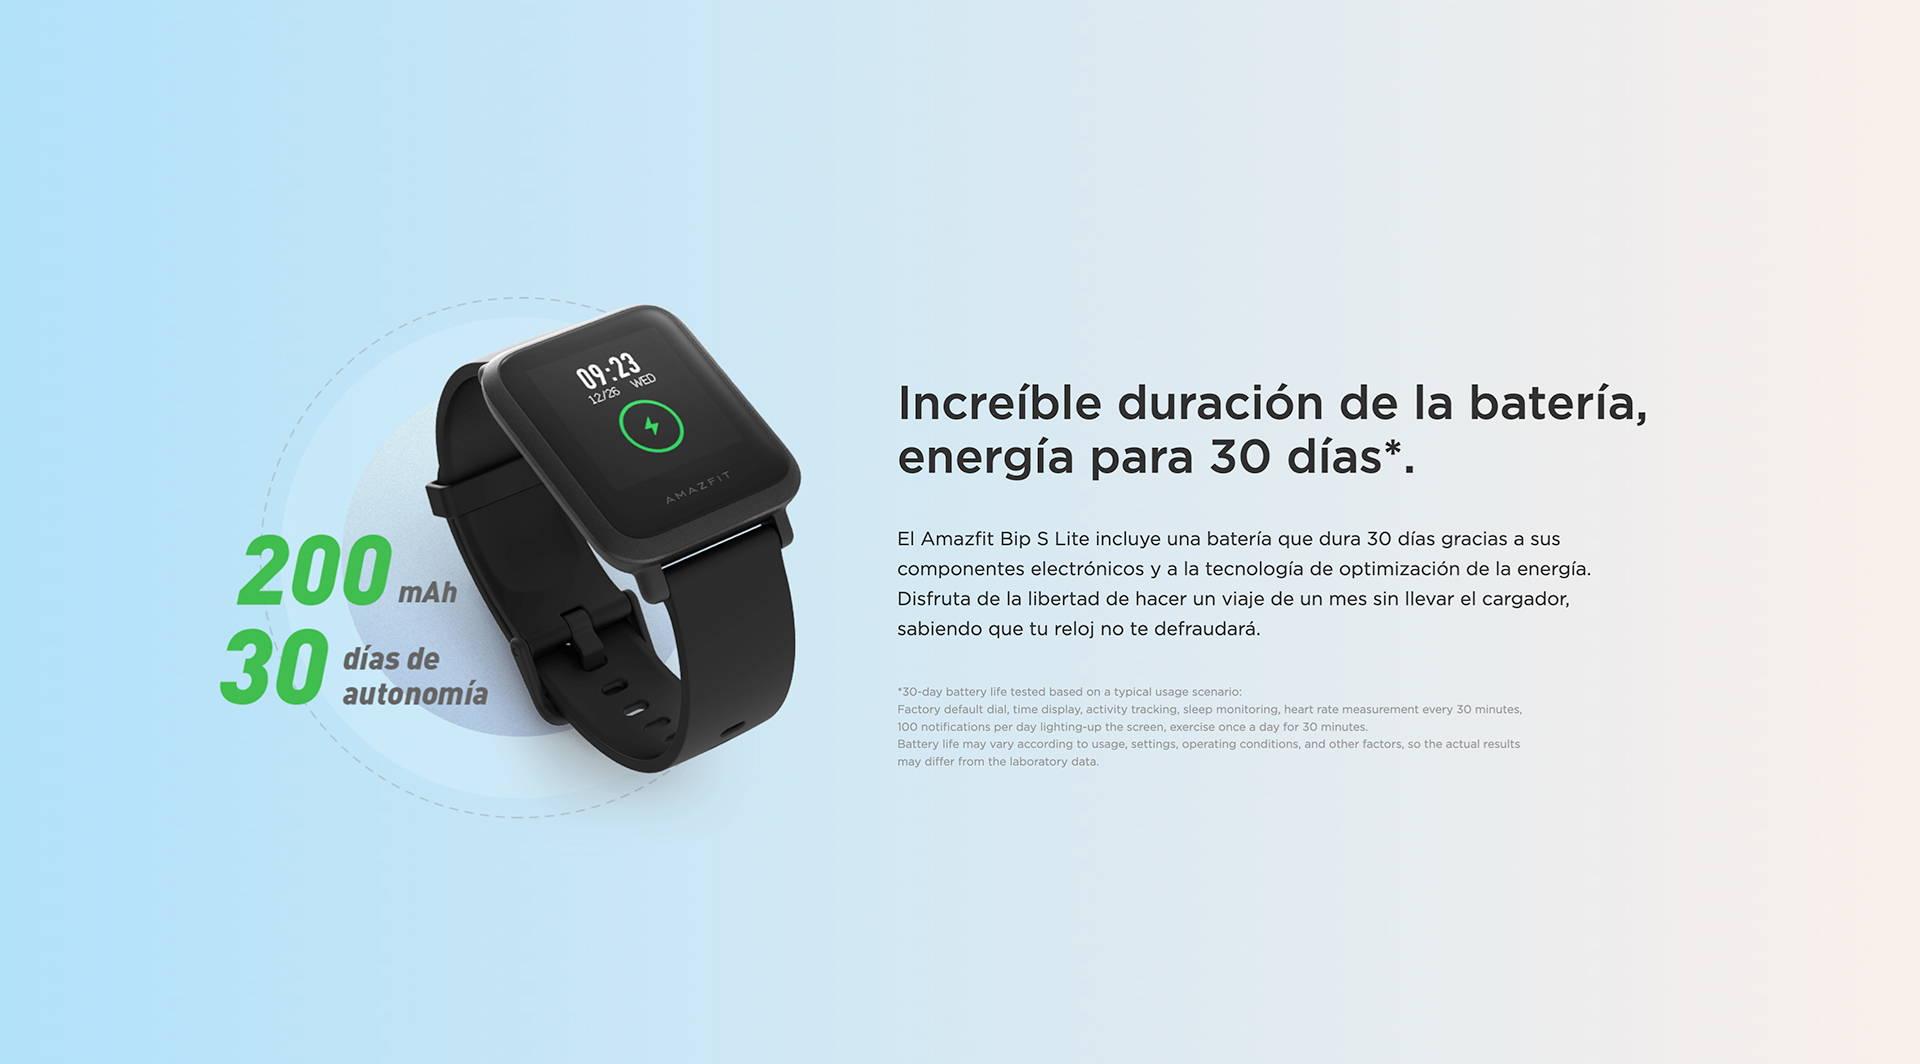 Amazfit ES - Amazfit Bip S Lite - Increíble duración de la batería, energía para 30 días.